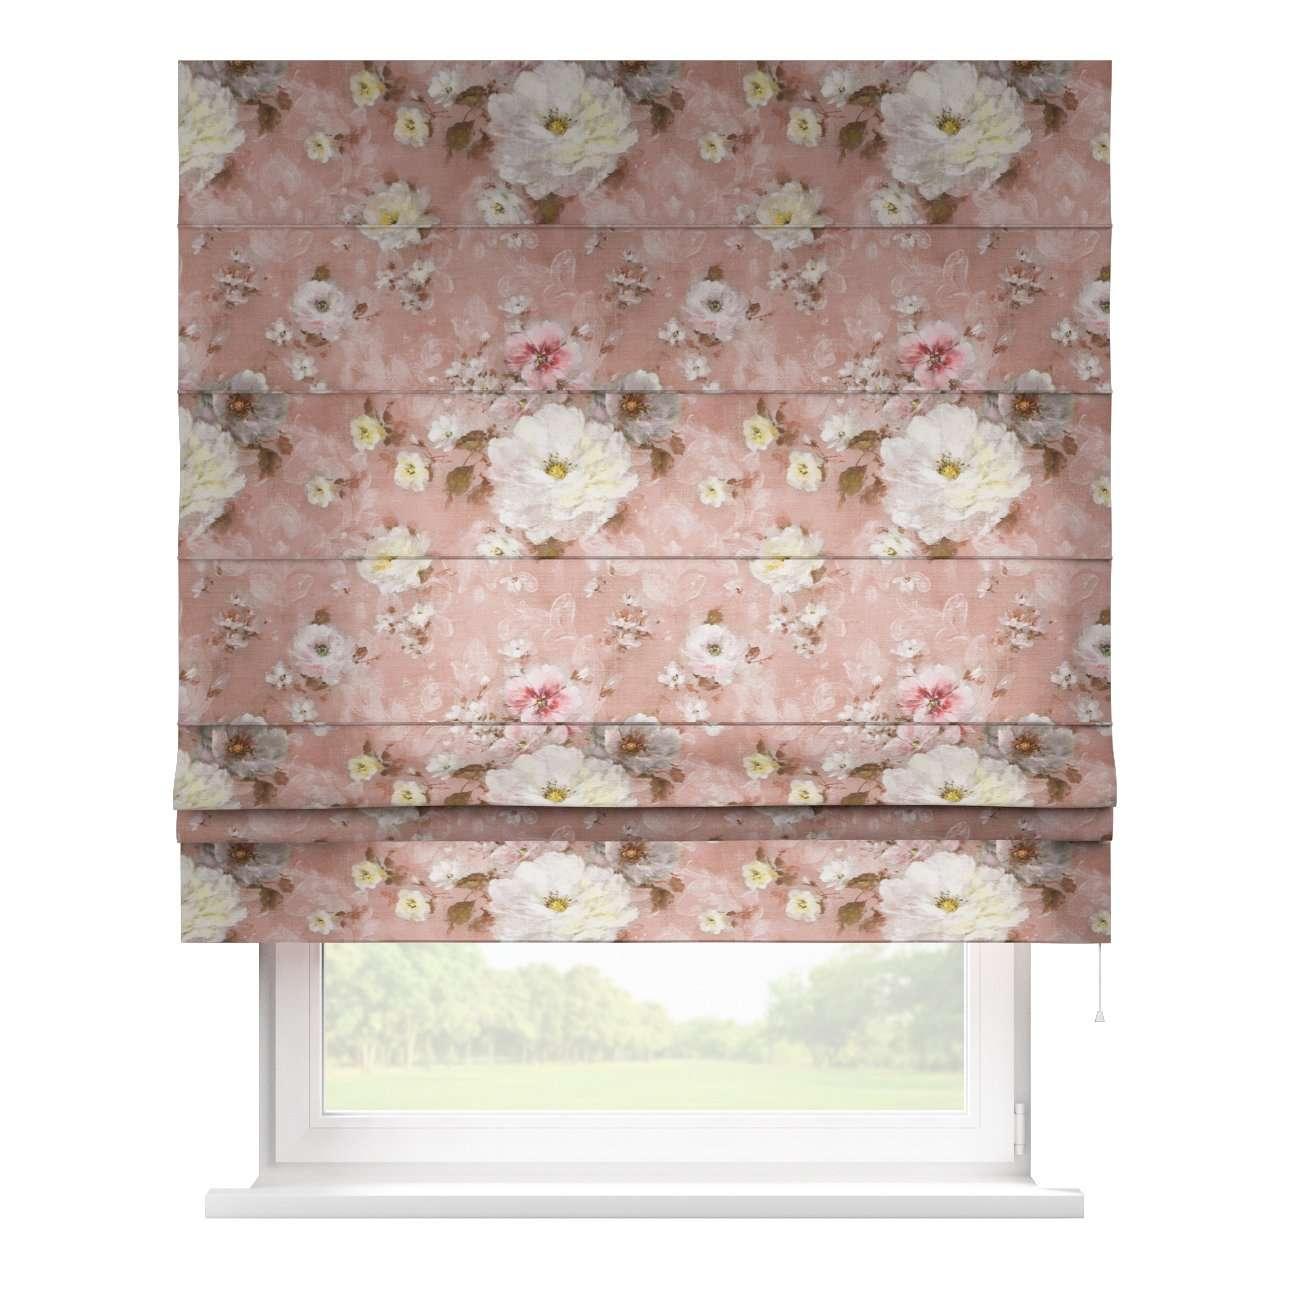 Roleta rzymska Padva w kolekcji Flowers, tkanina: 137-83